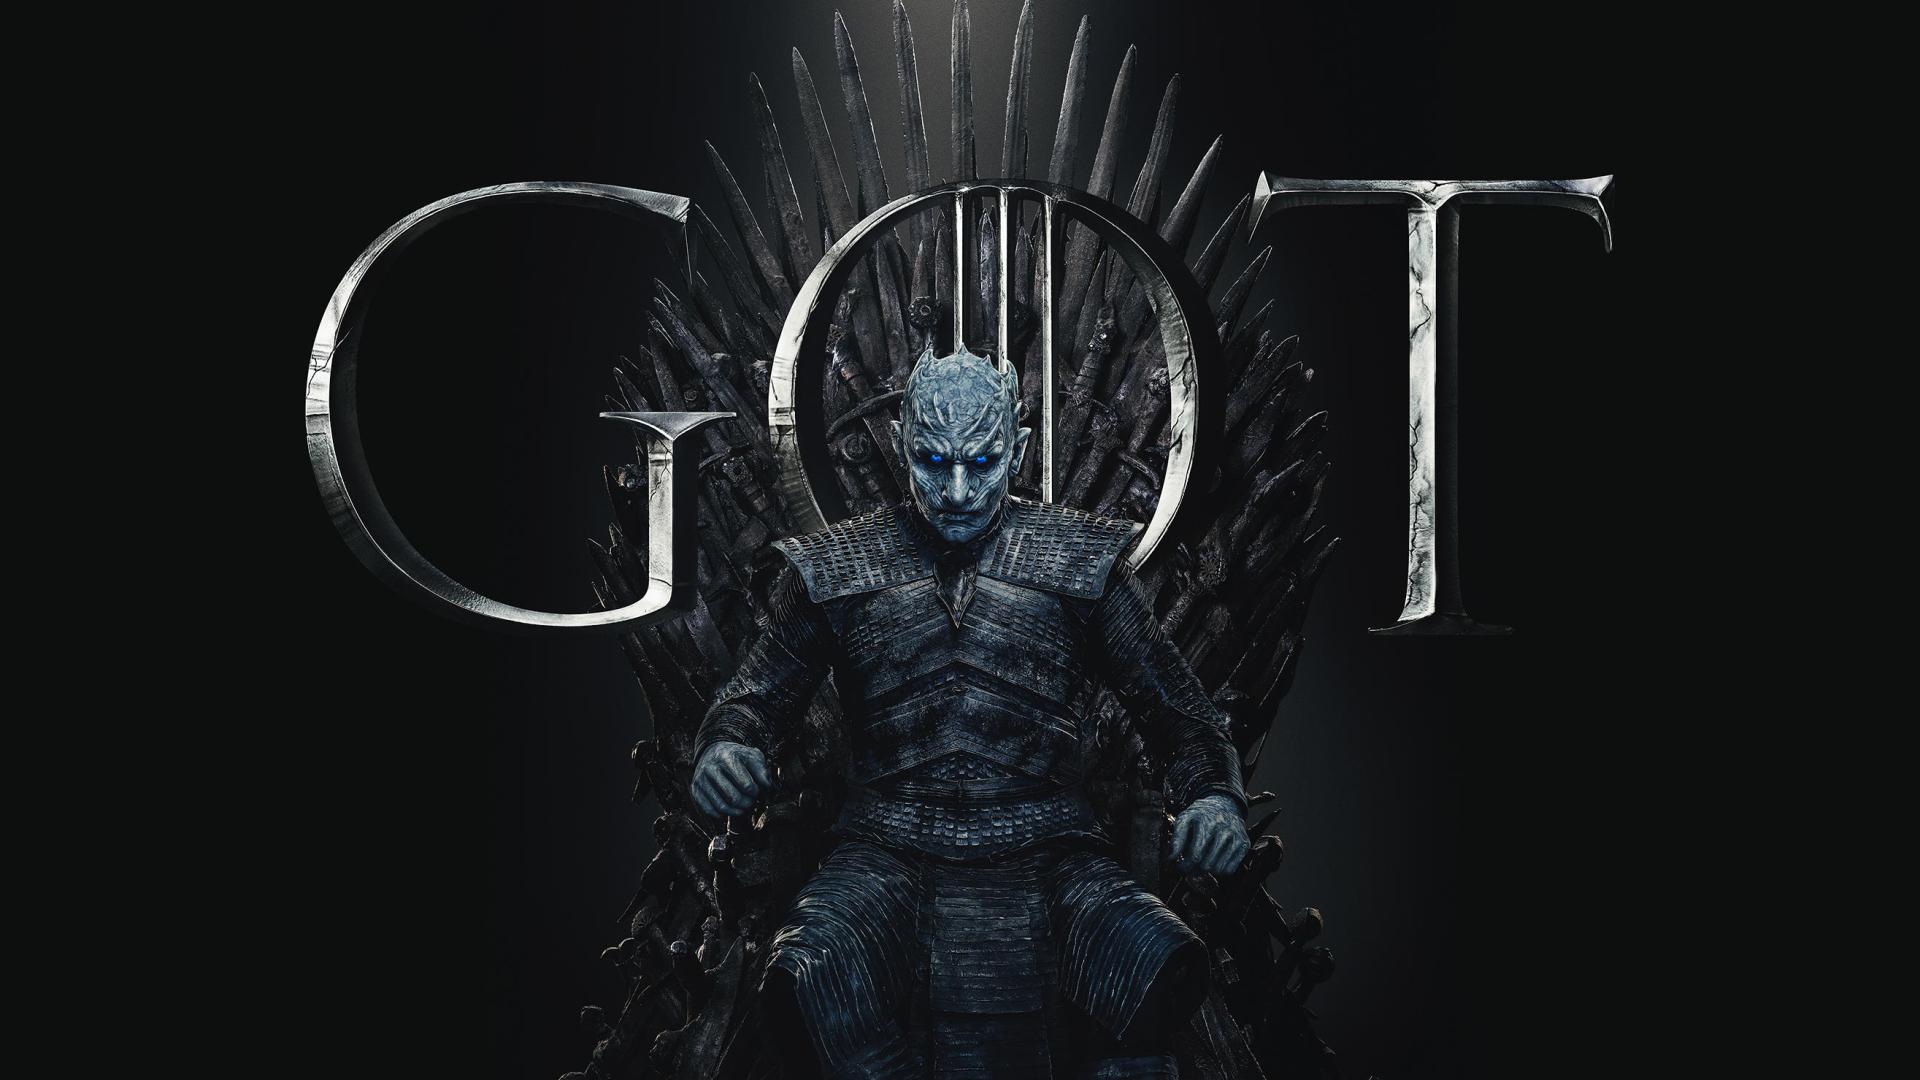 1920x1080 Night King Game of Thrones Season 8 Poster 1080P ...